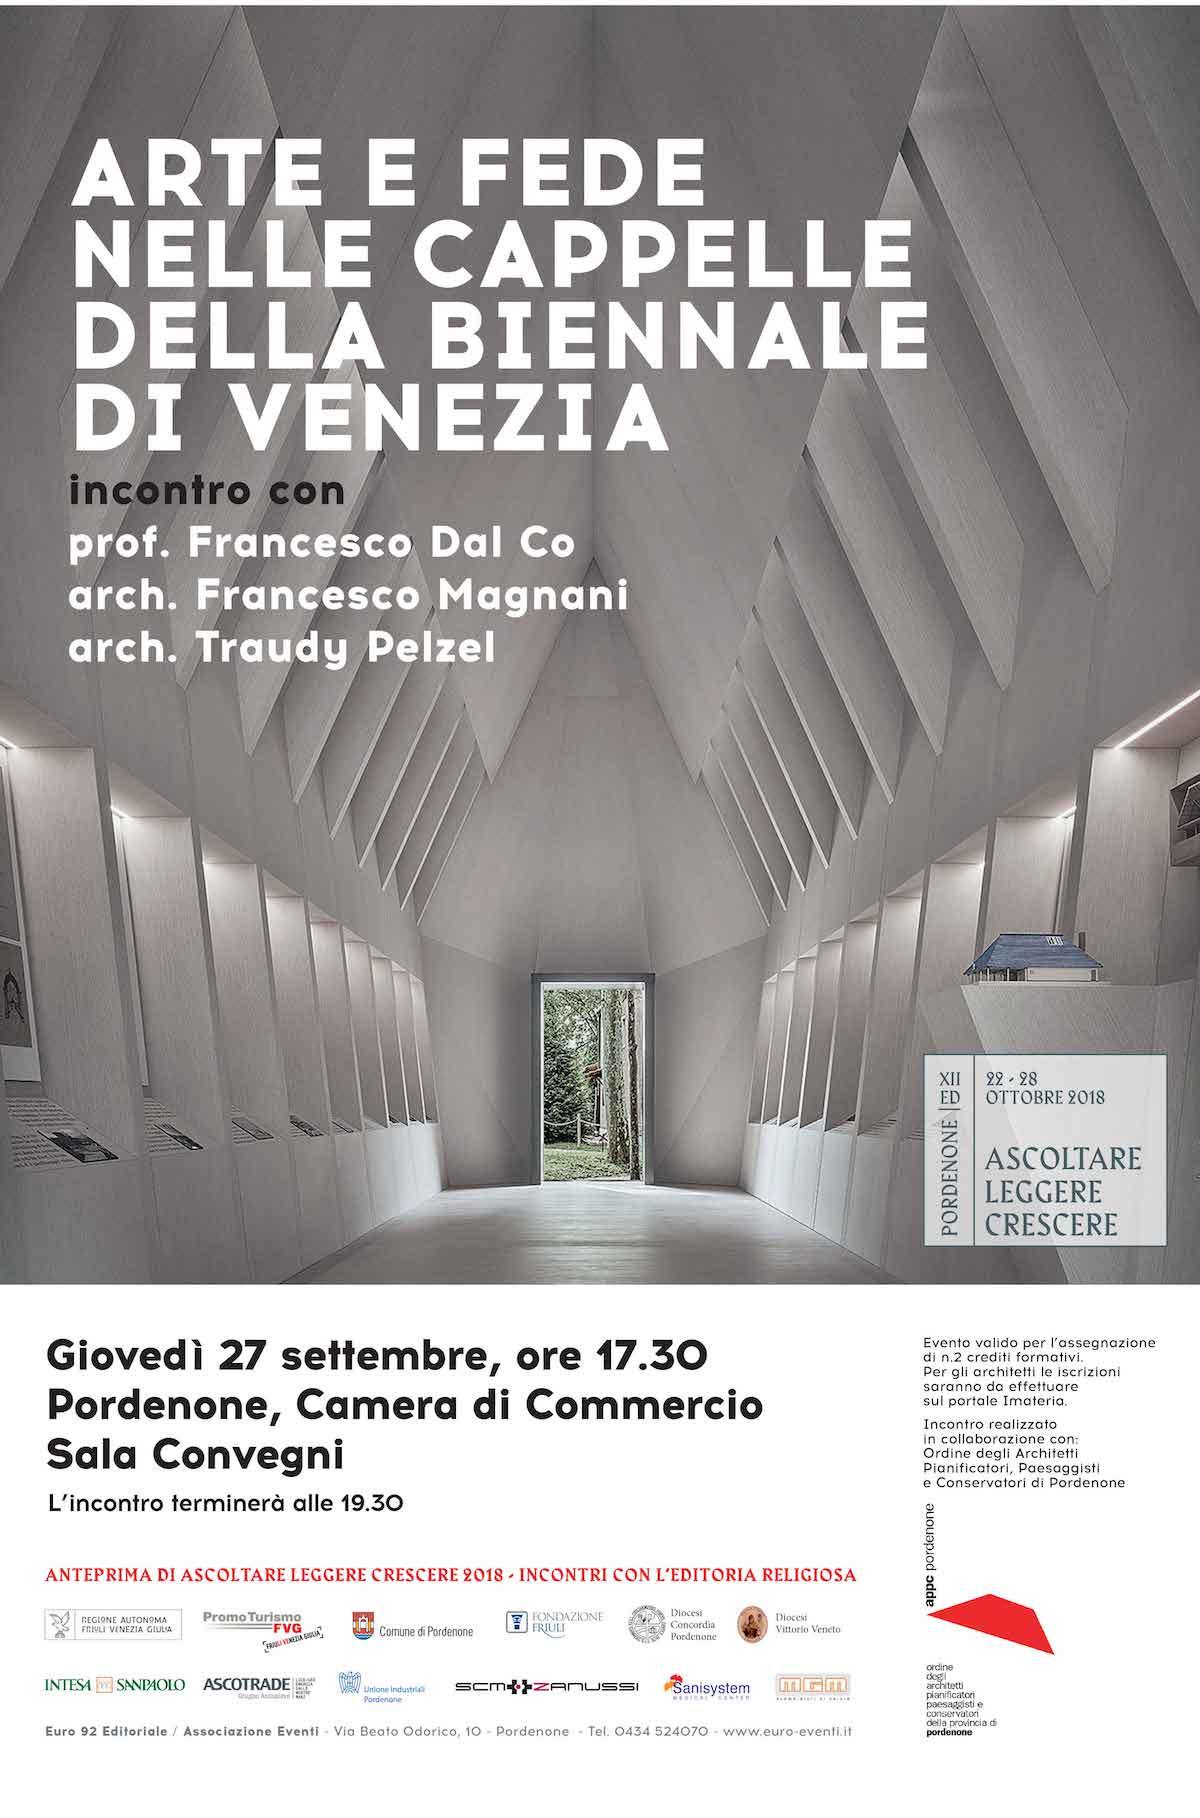 Arte e fede nelle Cappelle della Biennale di Venezia